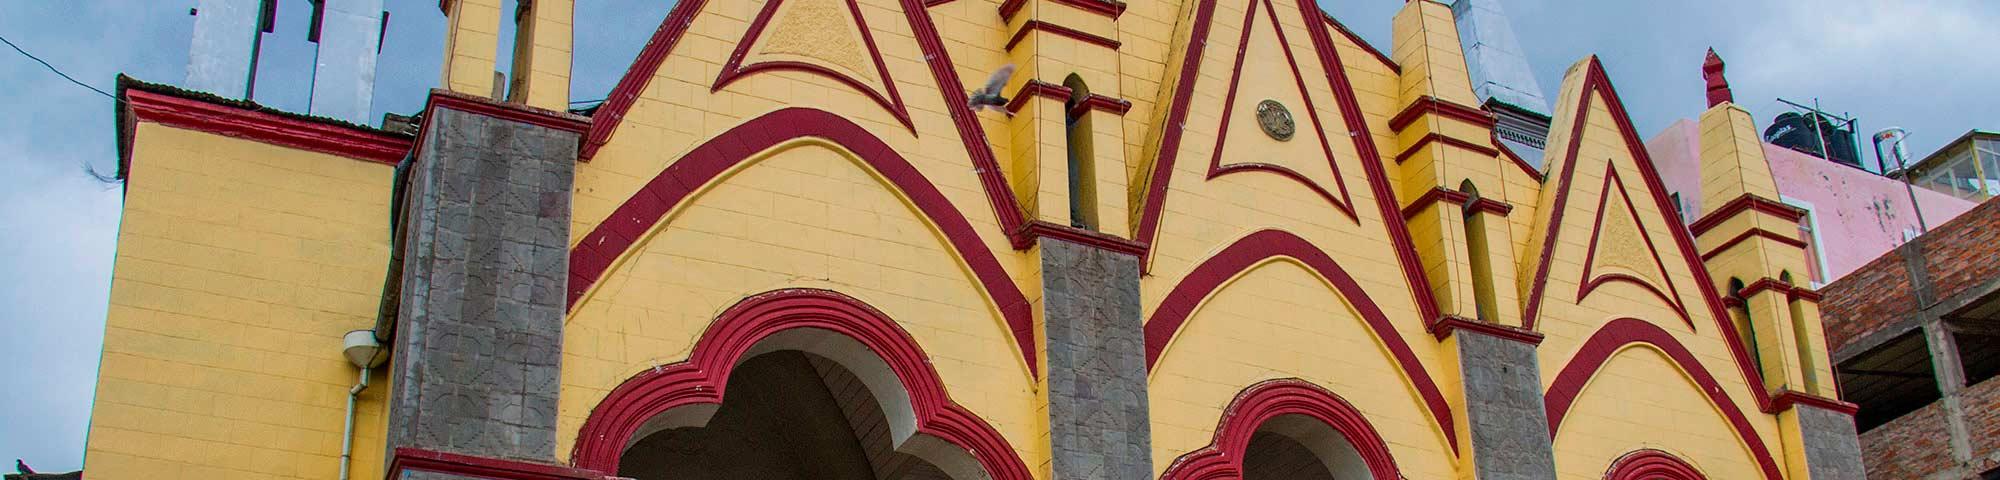 Templo San Juan - Santuario Virgen de la Candelaria